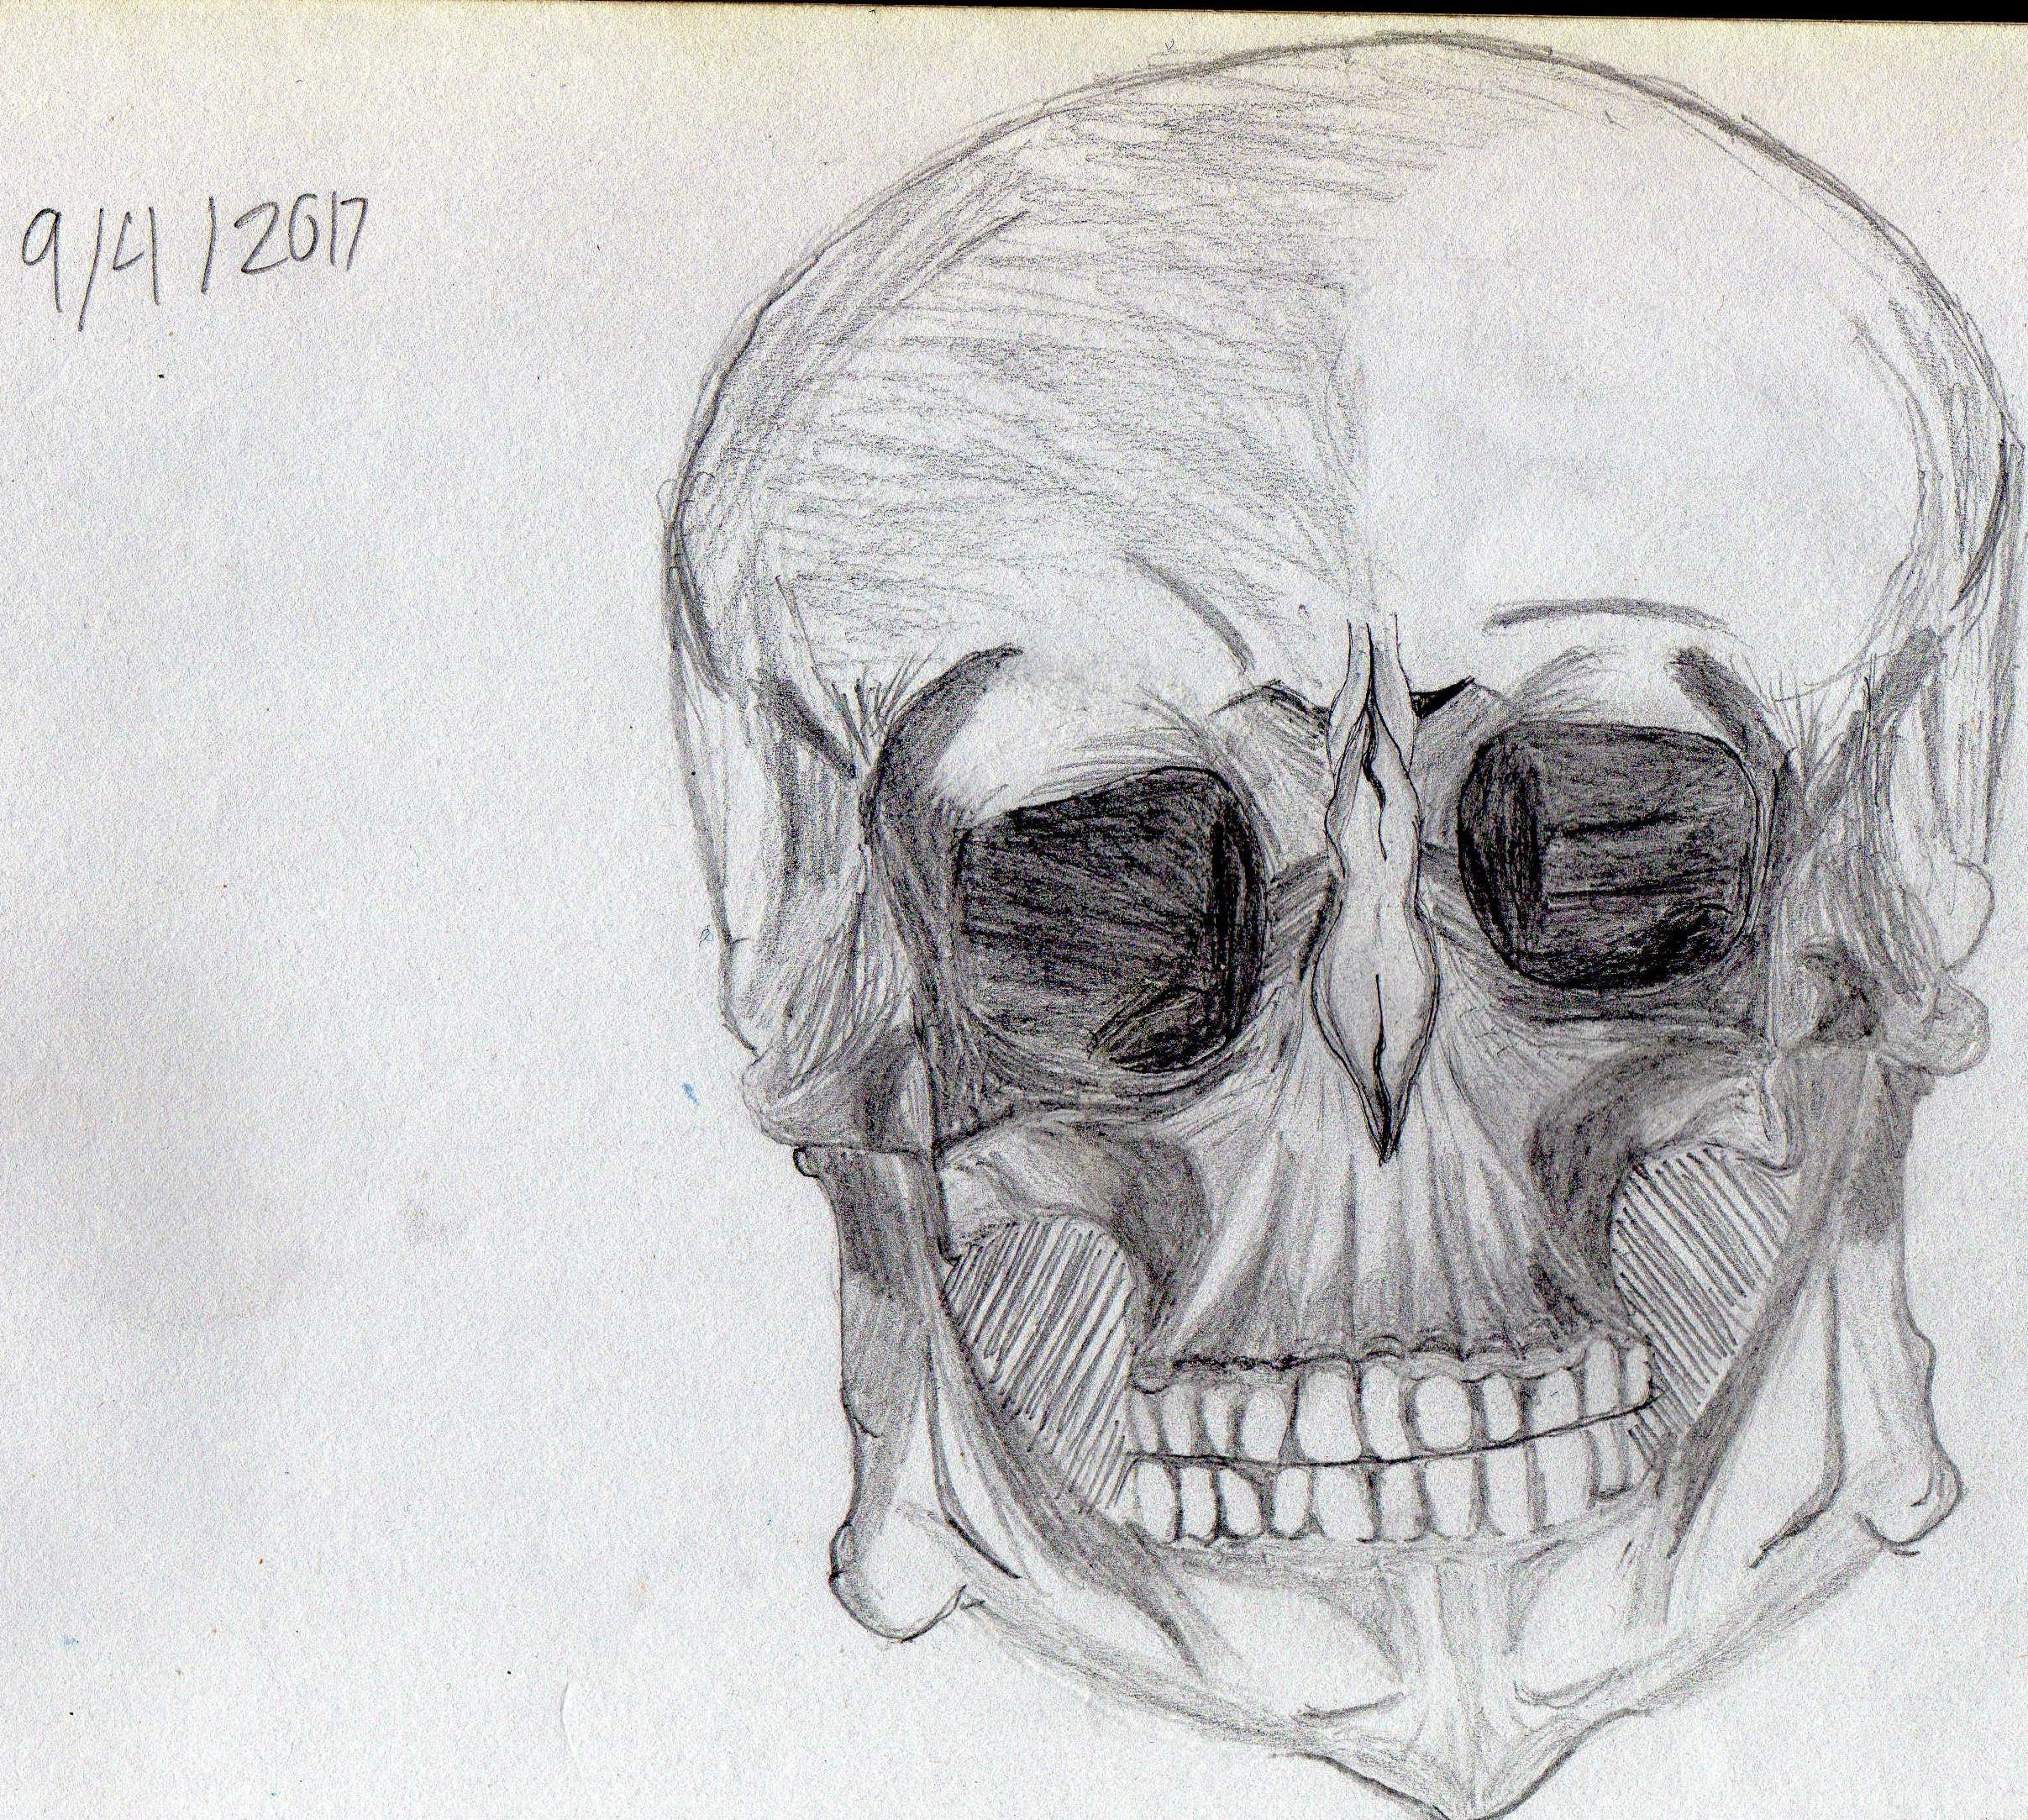 Cool looking Skull guy.